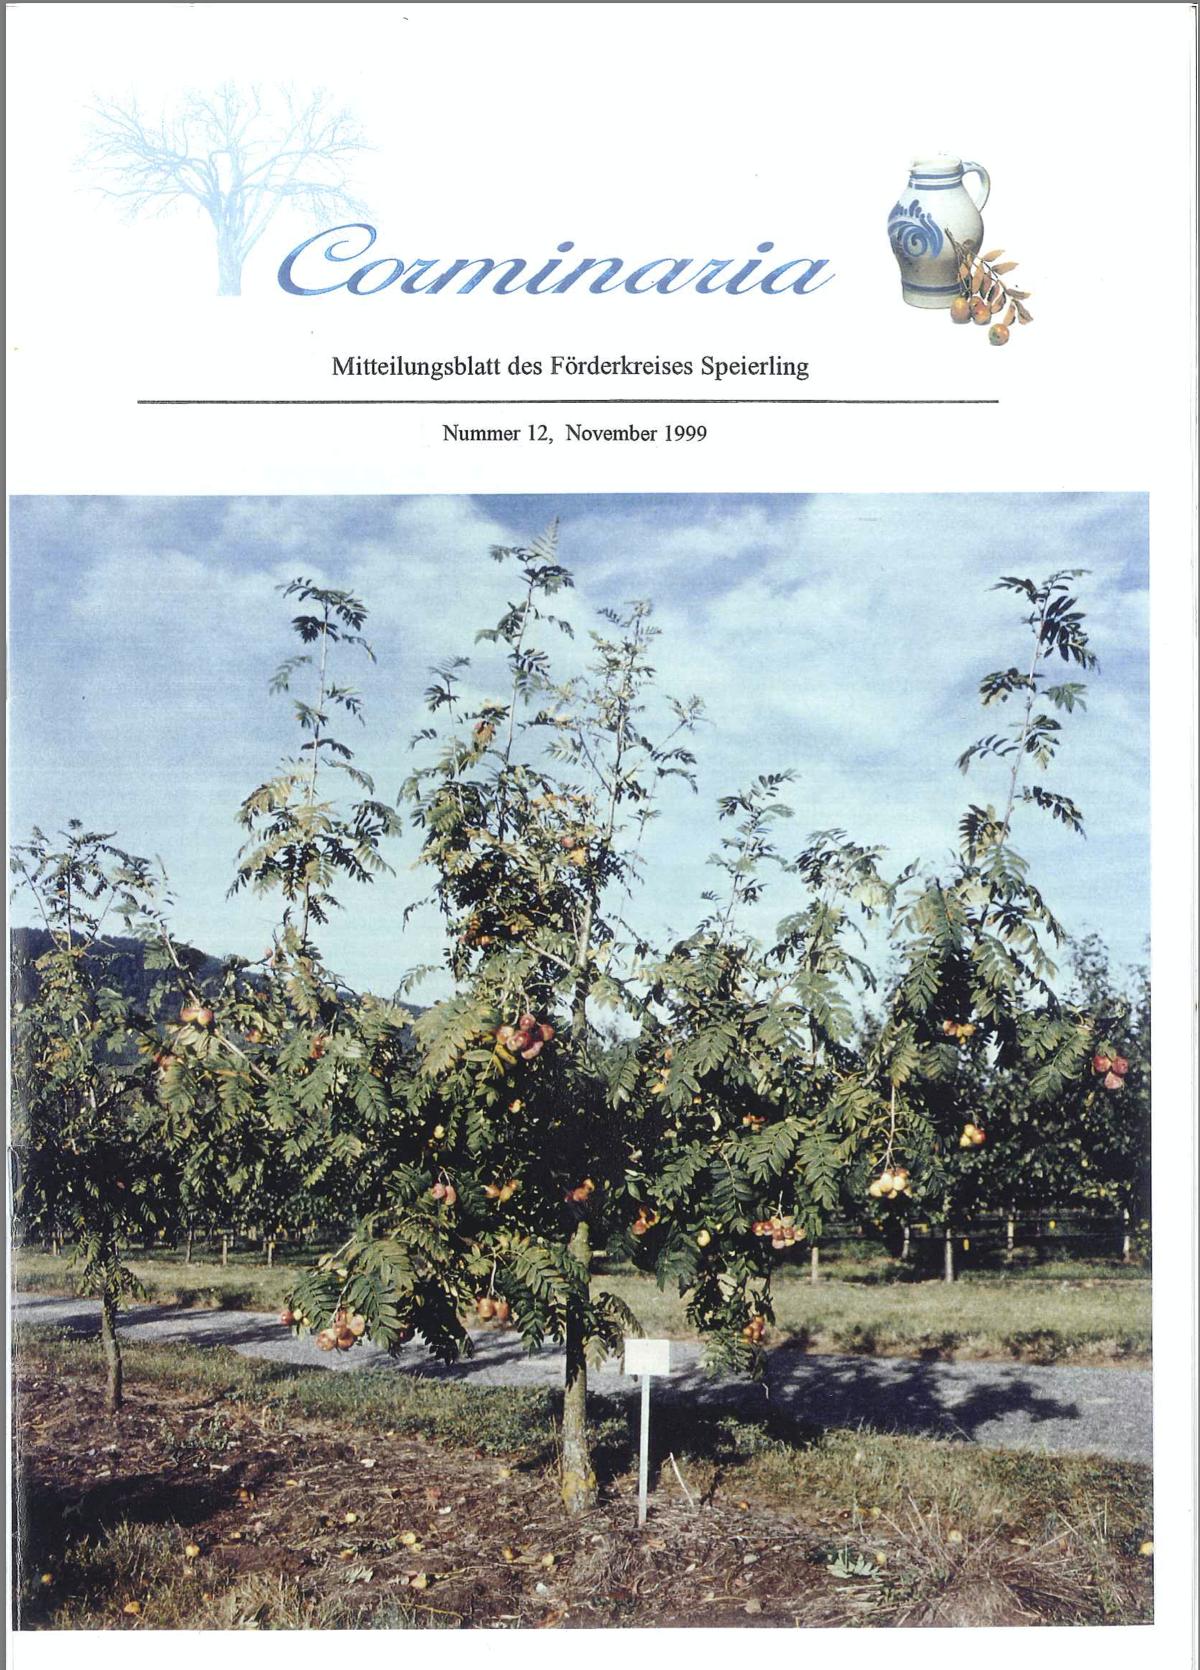 Corminaria Heft Nr. 12